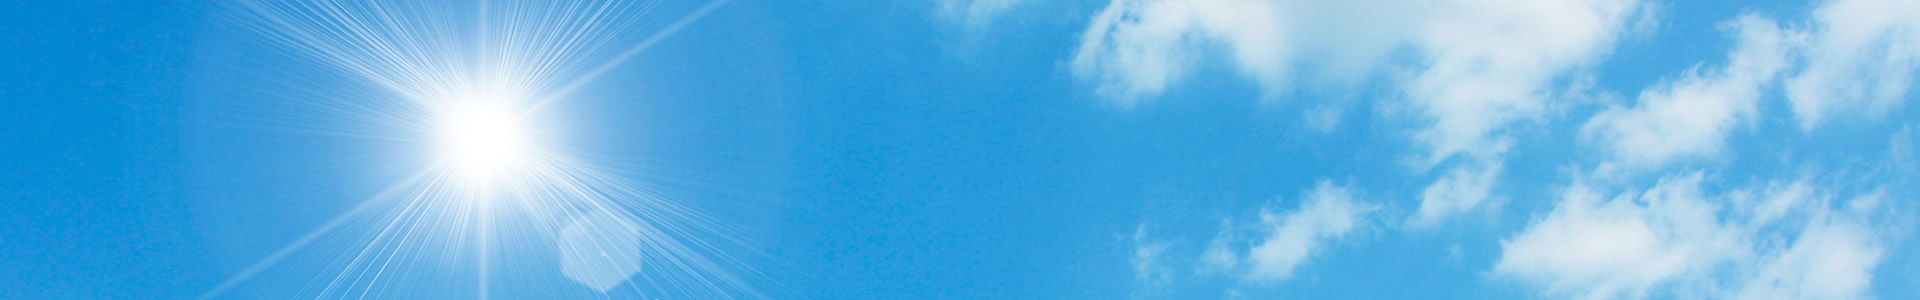 佐々木工務 株式会社/大阪府大阪市/建築工事、土木工事、重量運搬据付、機器解体工事、設備基礎型枠、足場工事、建築付帯工事、天井付帯工事、斫及びダイヤ穿孔一式工事、設備基礎型枠